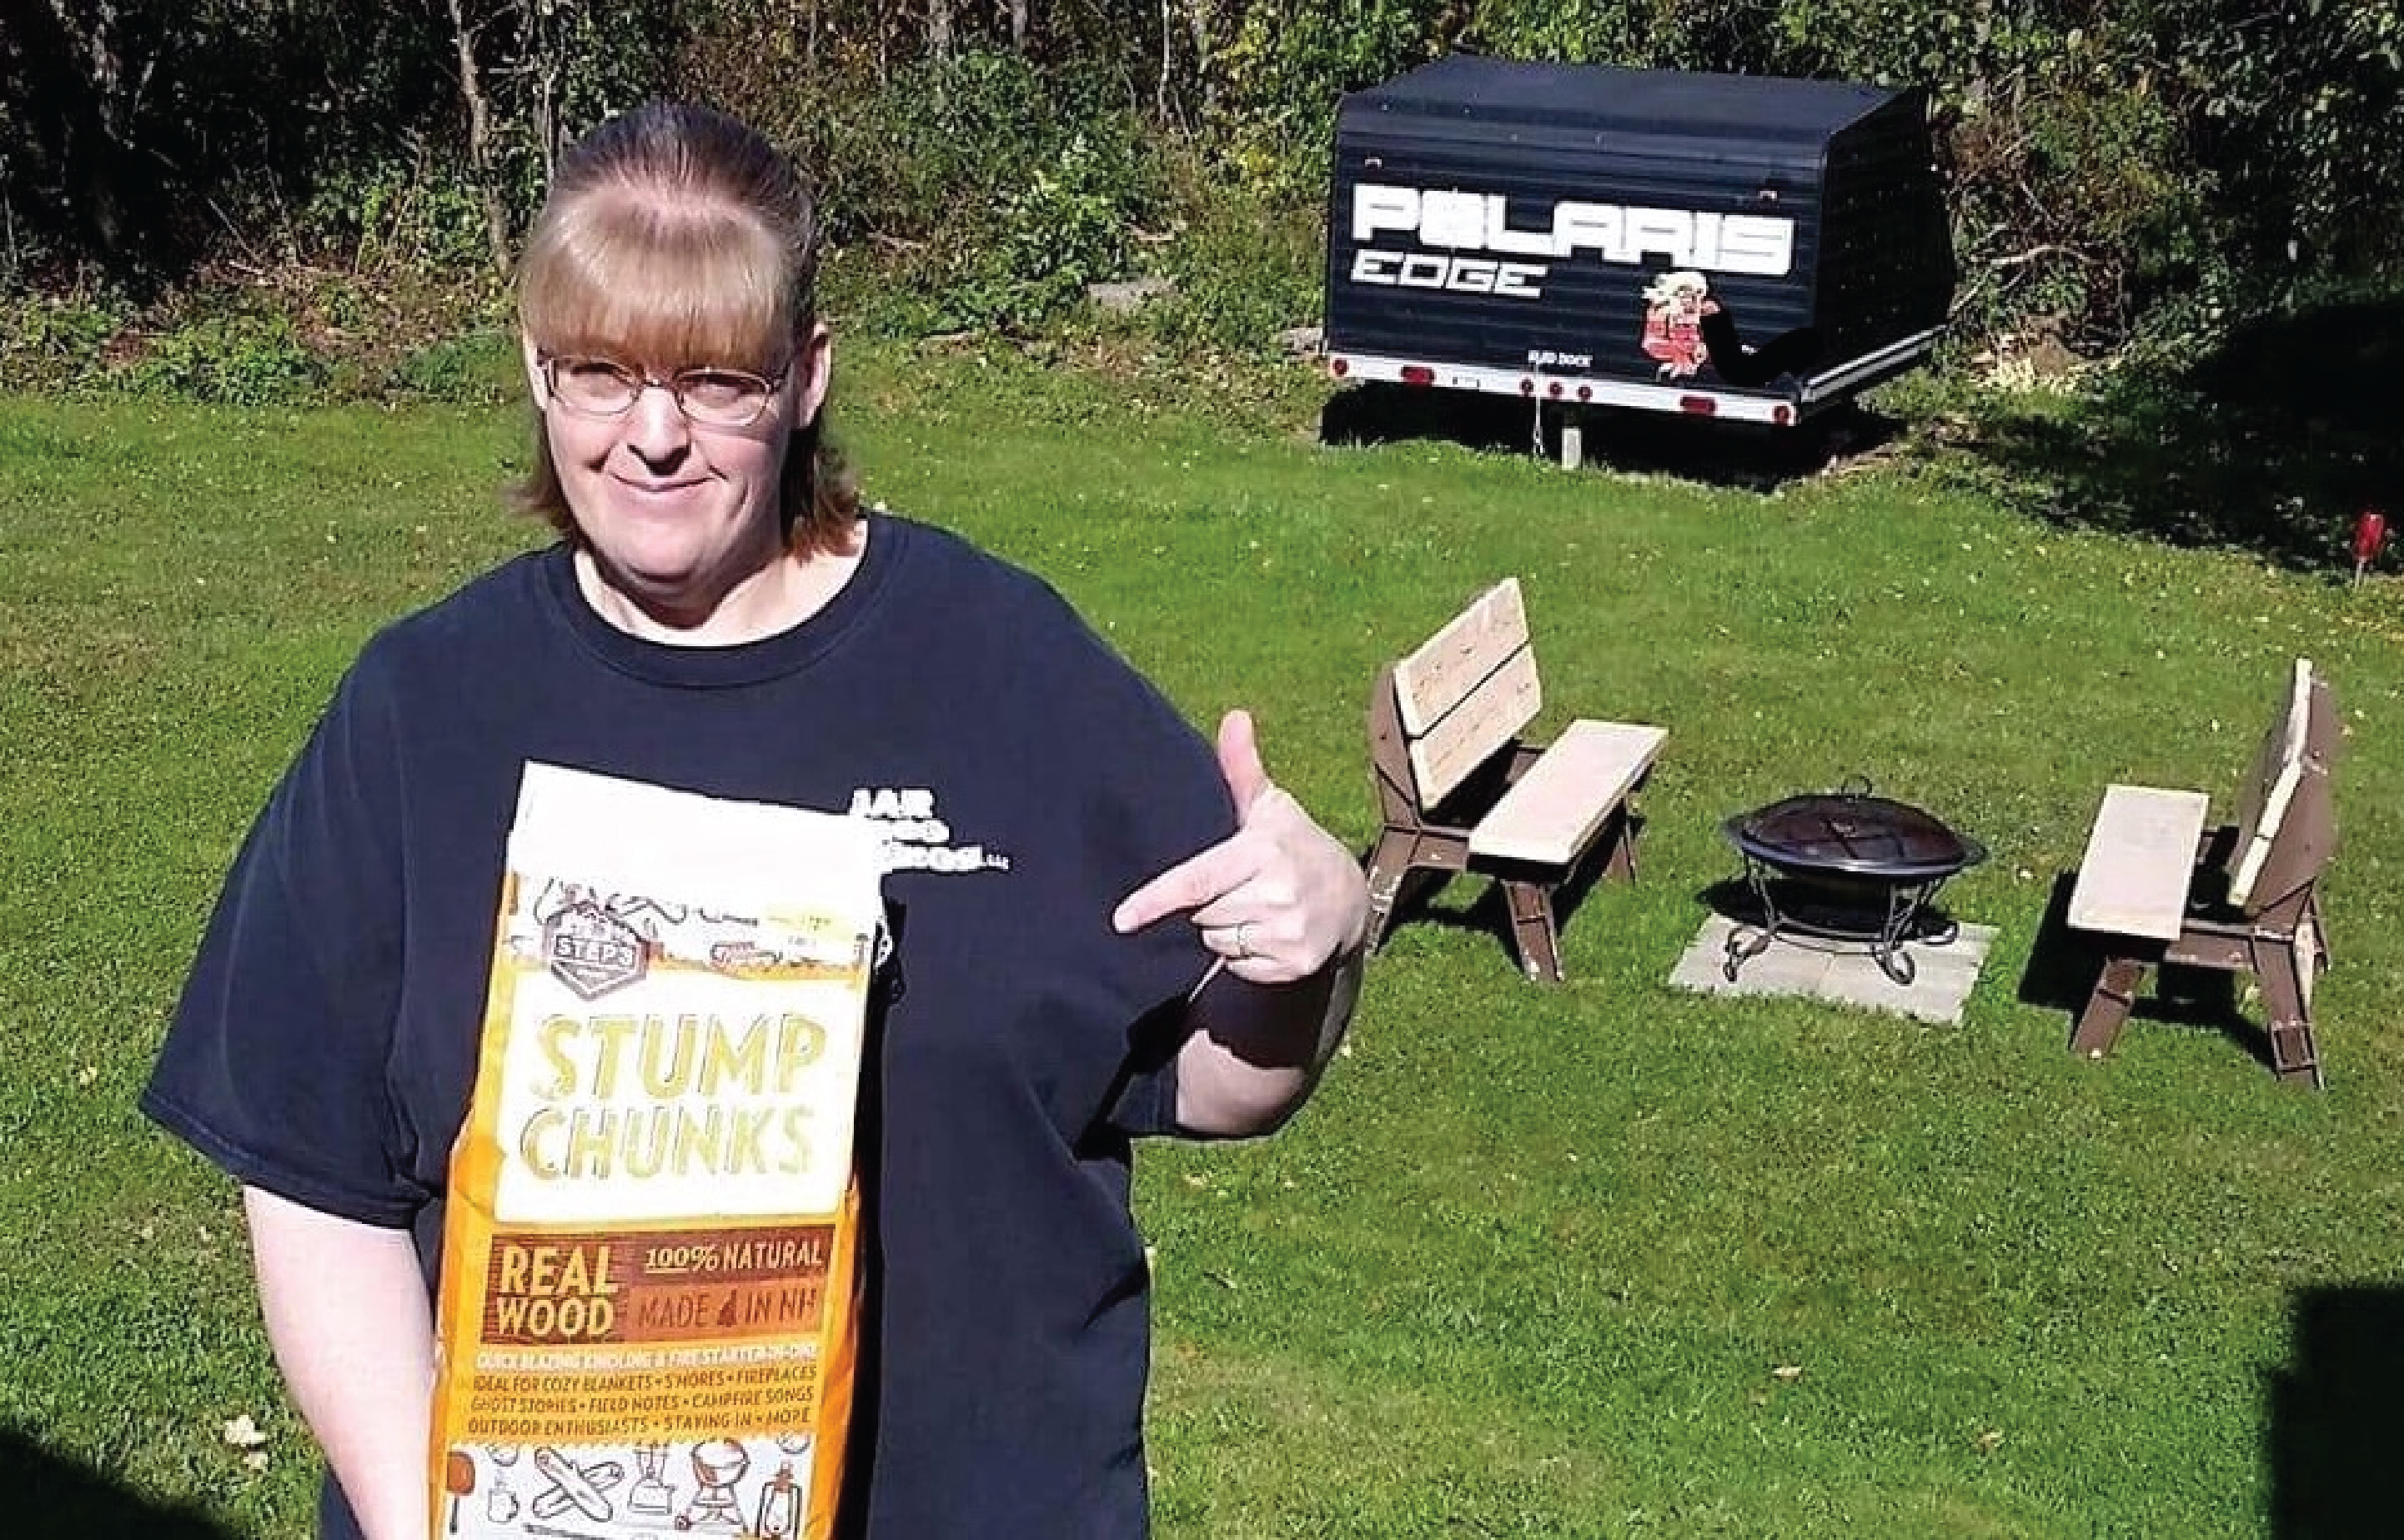 Stump Chunks – September 2017 – Large Bag Contest Winner